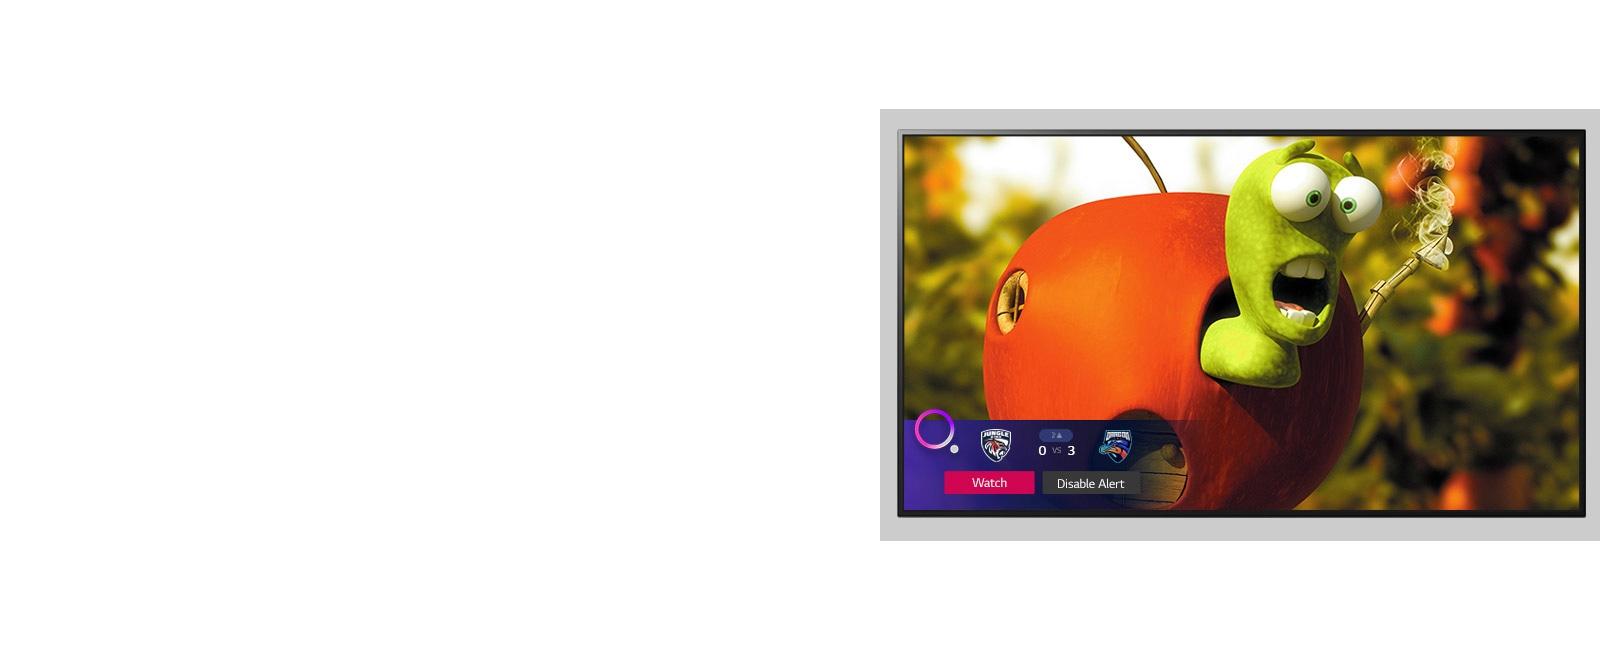 Télévision montrant un personnage de dessin animé et une alerte sportive en bas de l'écran.